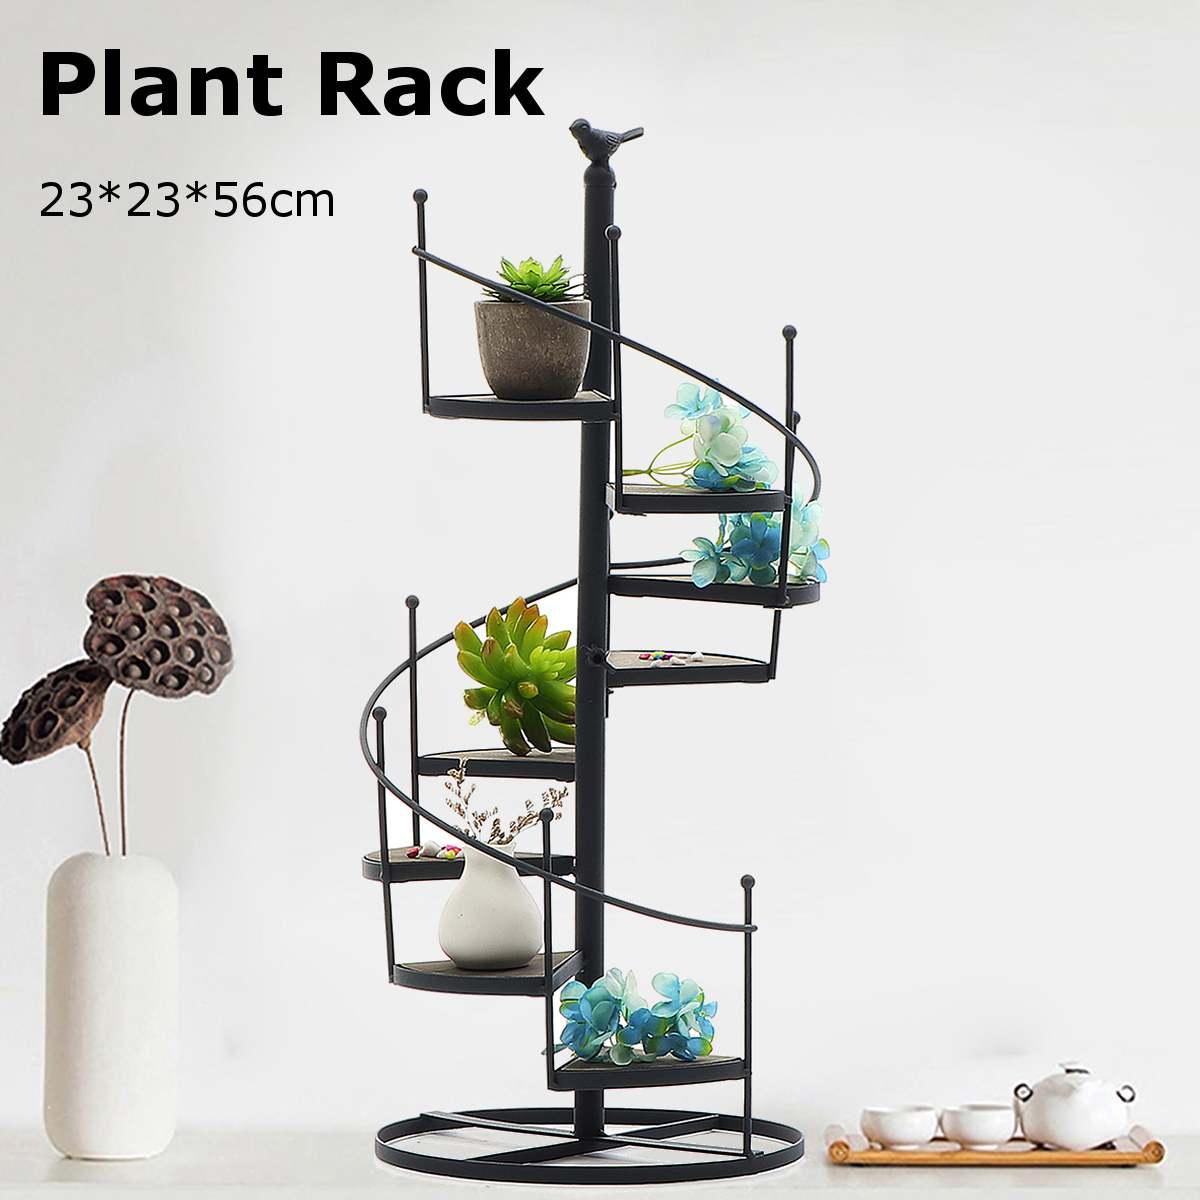 Modern dekoratif demir tesisi raf standı bitkiler etli raf 8 katmanlı merdiven şekli masaüstü bahçe çiçek standı + ahşap plaka